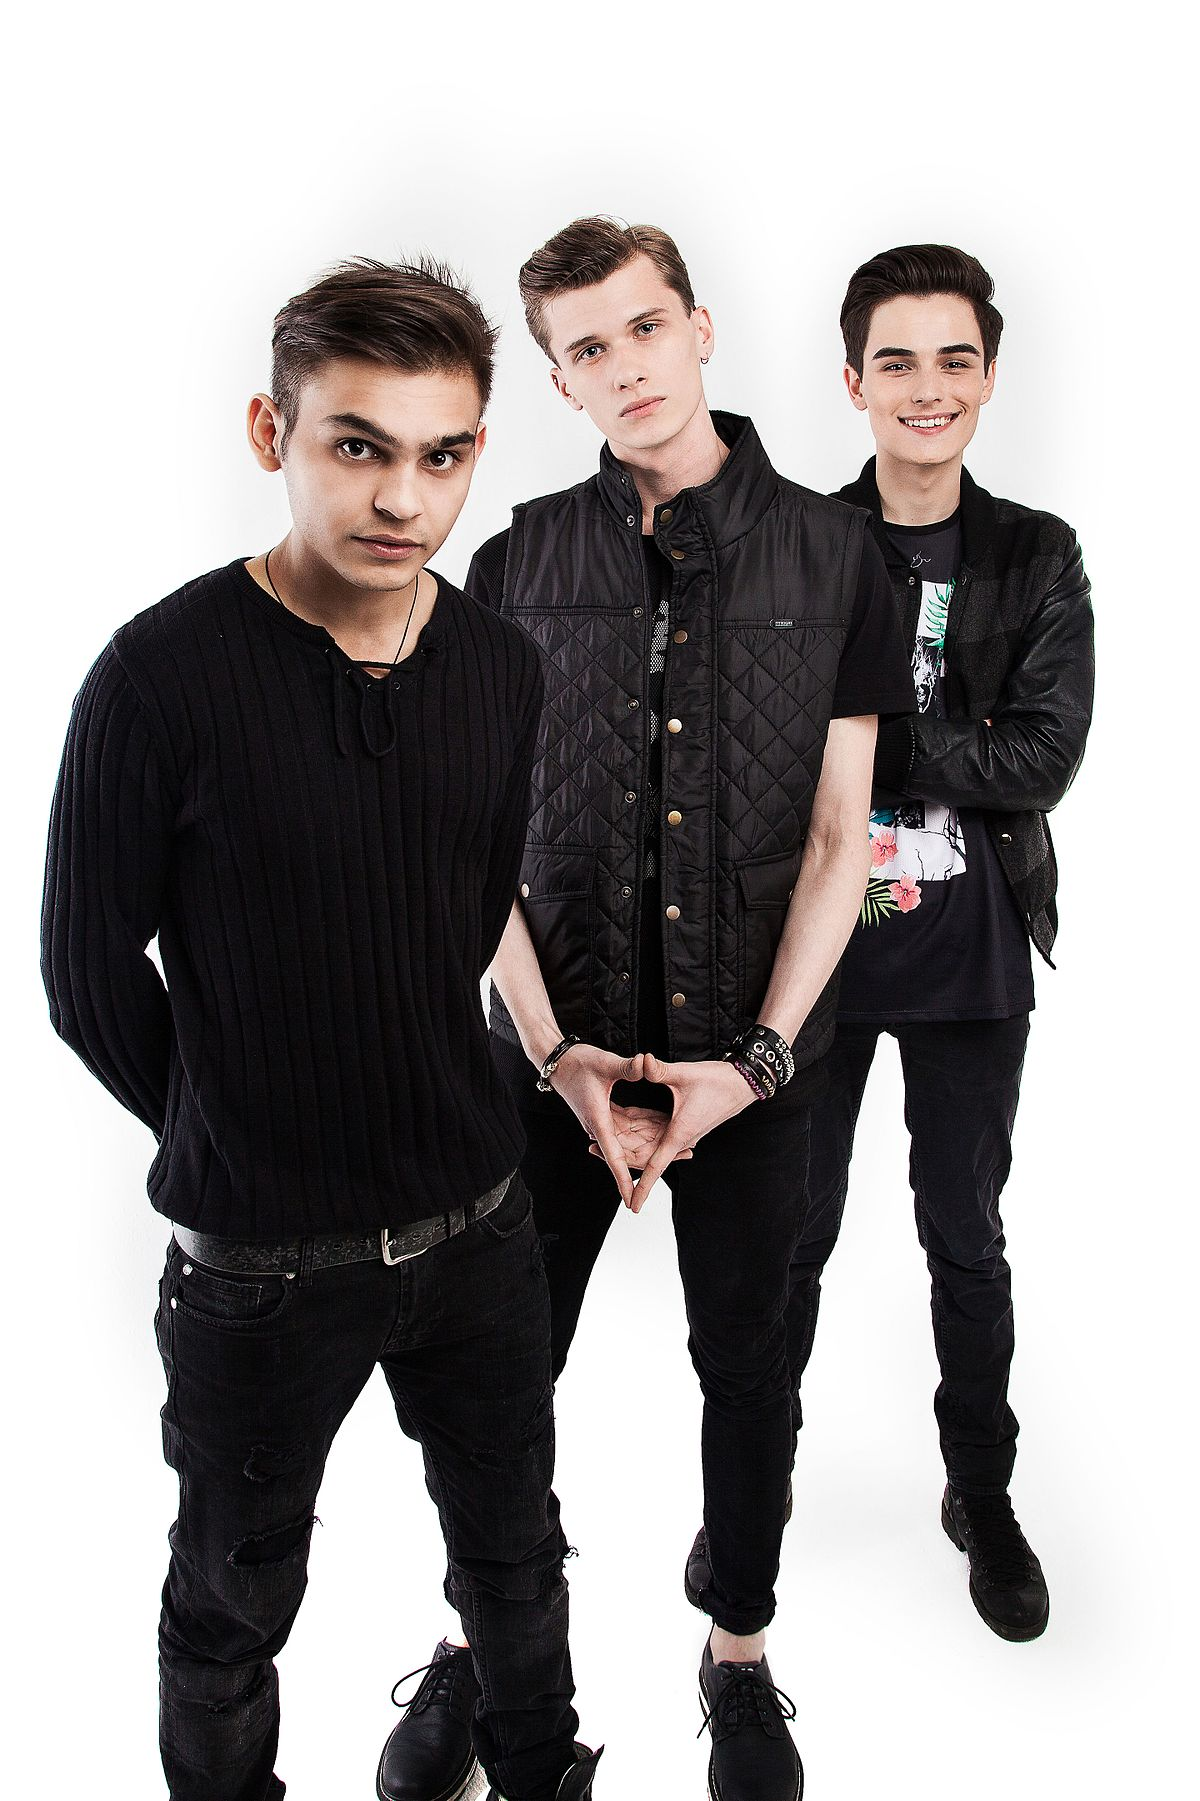 герои фото группы